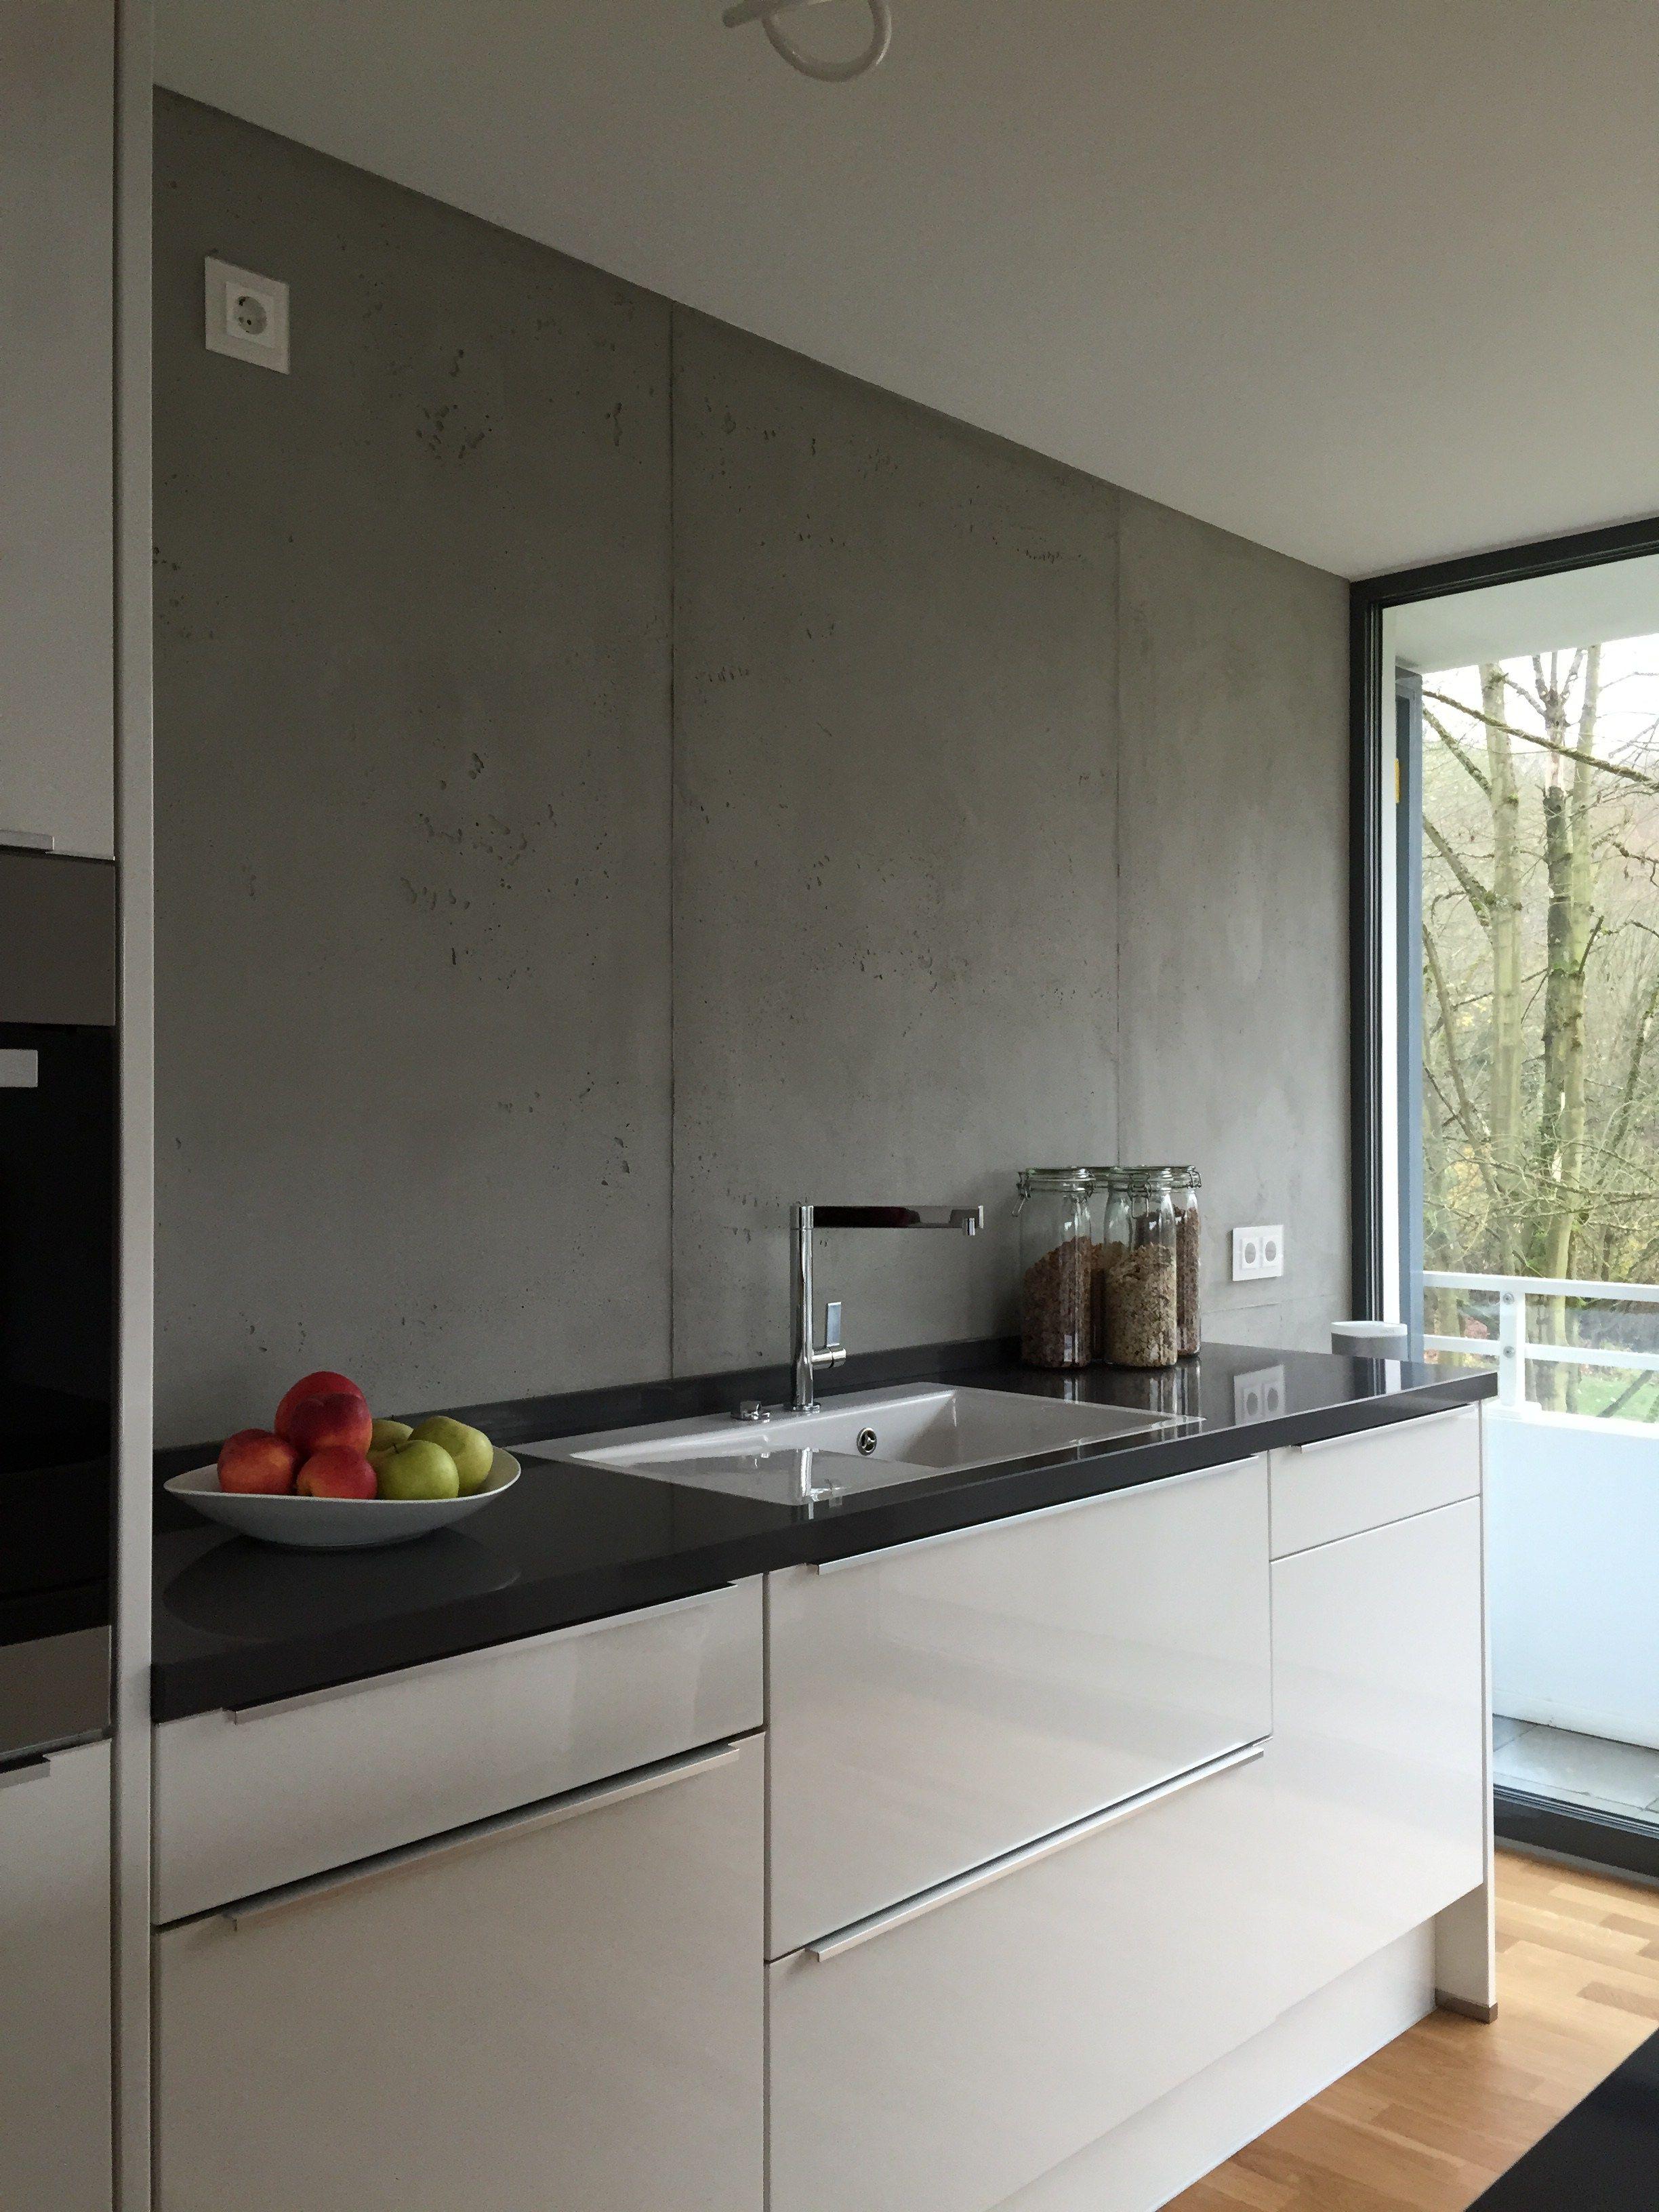 Stunning Küche Fliesenspiegel Alternative s House Design